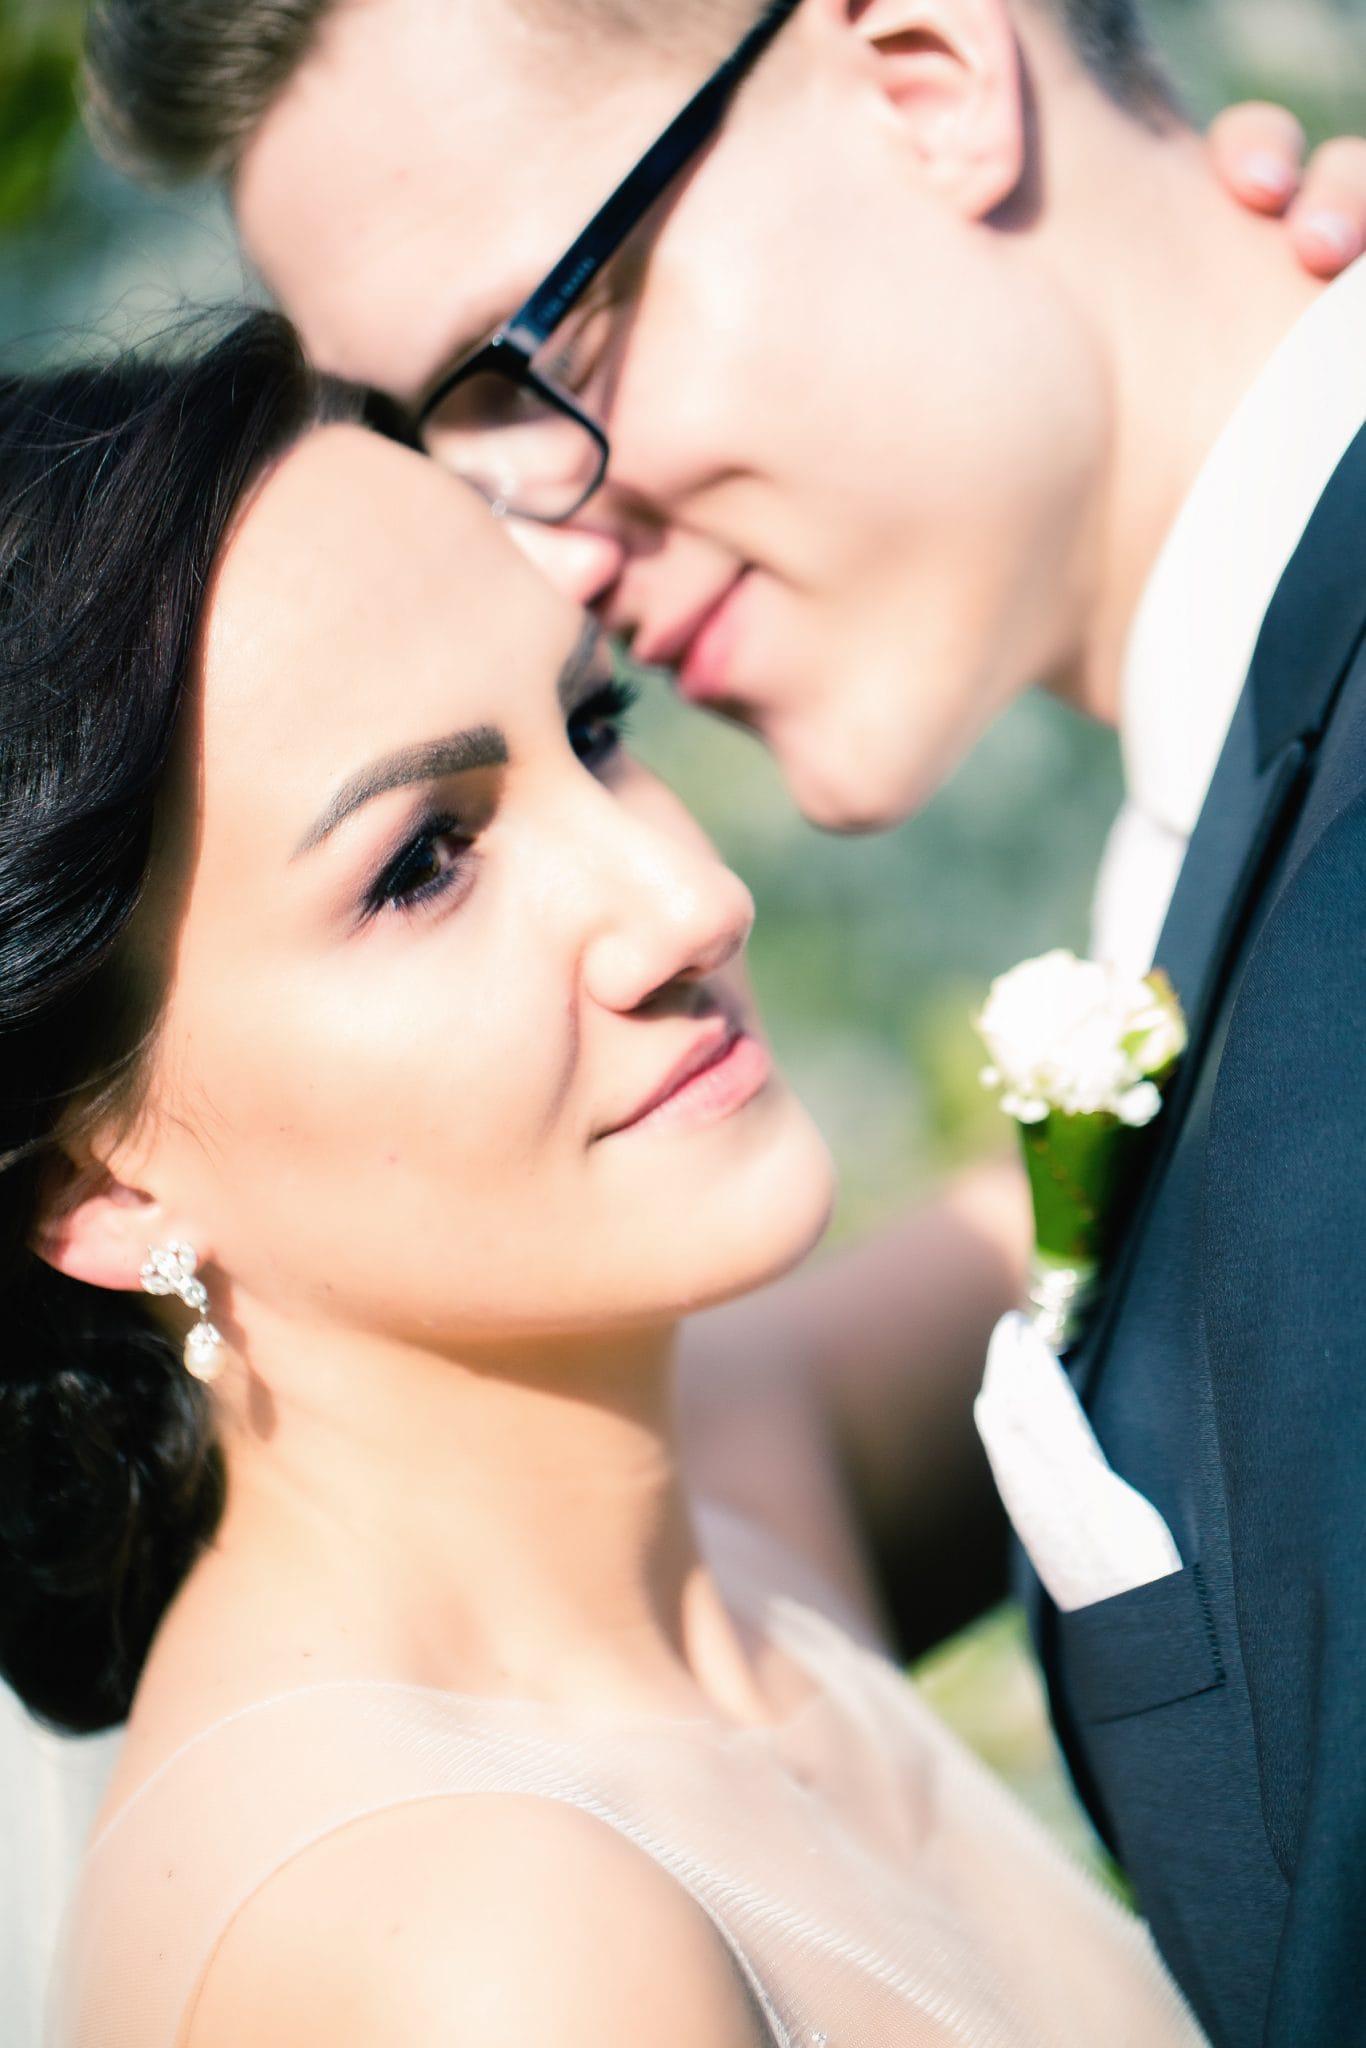 hochzeit_wedding_tirol_043_dianapeter_photography_hochzeitsfotografie_portraitfotografie__d3_3811-bearbeitet